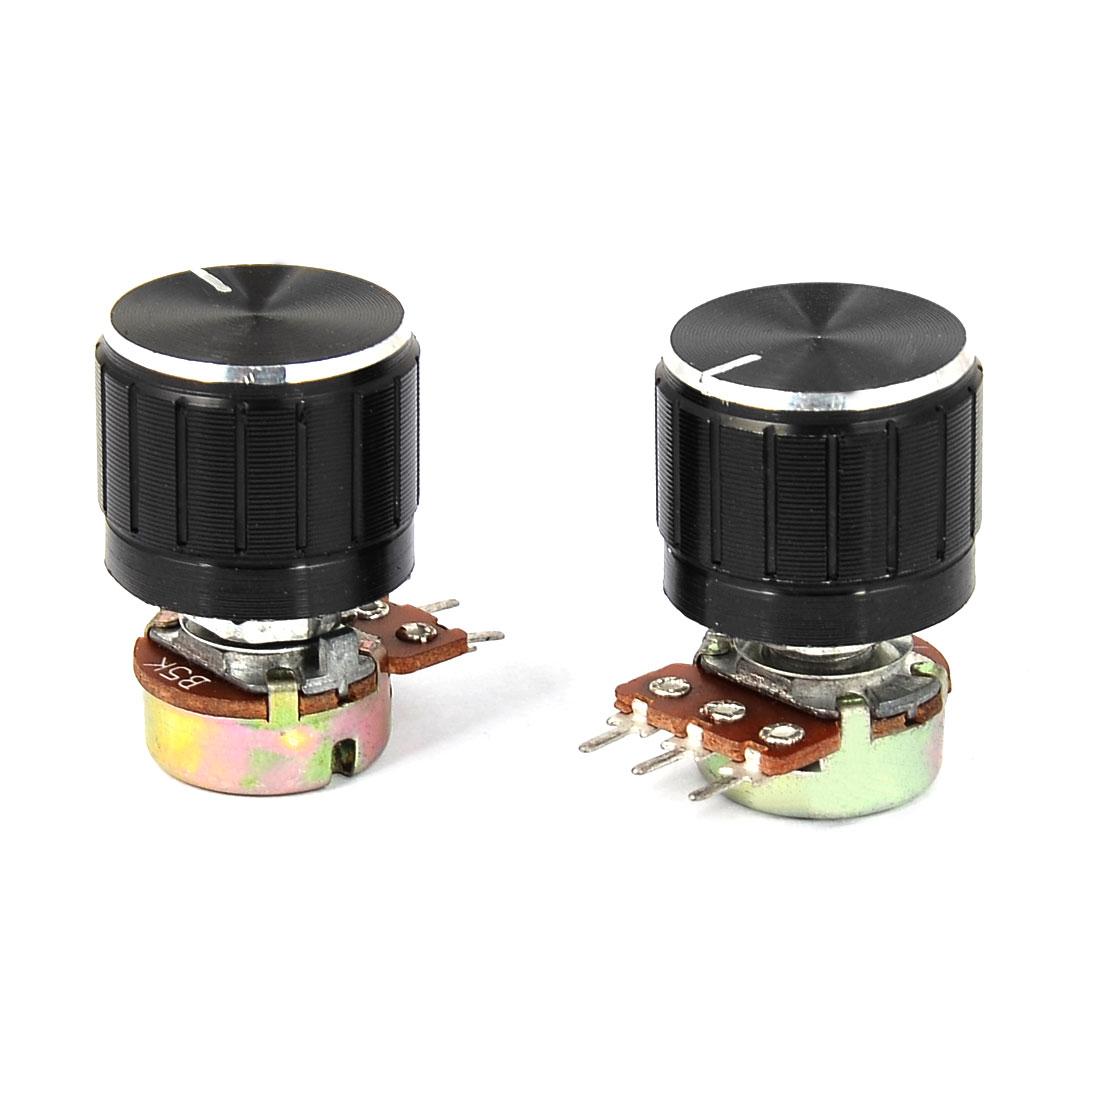 B5K 5K Ohm Rotating Shaft Metal Audio Single Linear Potentiometer 2pcs